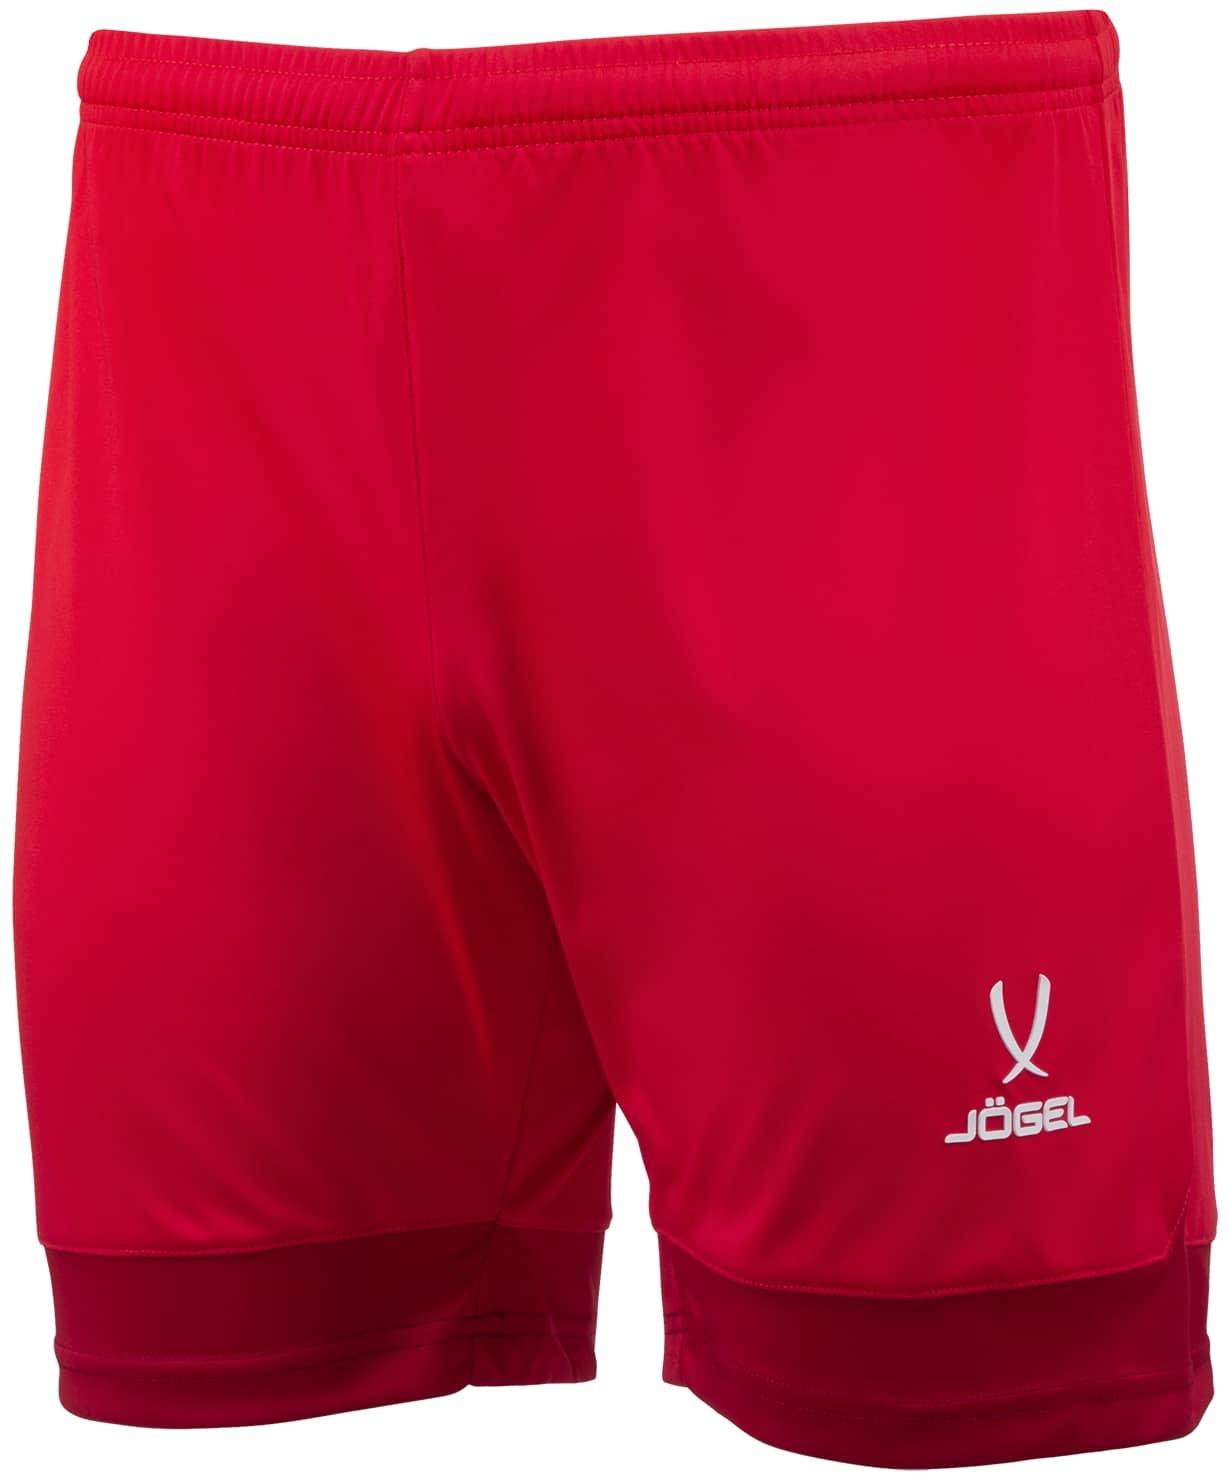 Шорты игровые DIVISION PerFormDRY Union Shorts, красный/ темно-красный/белый, детские